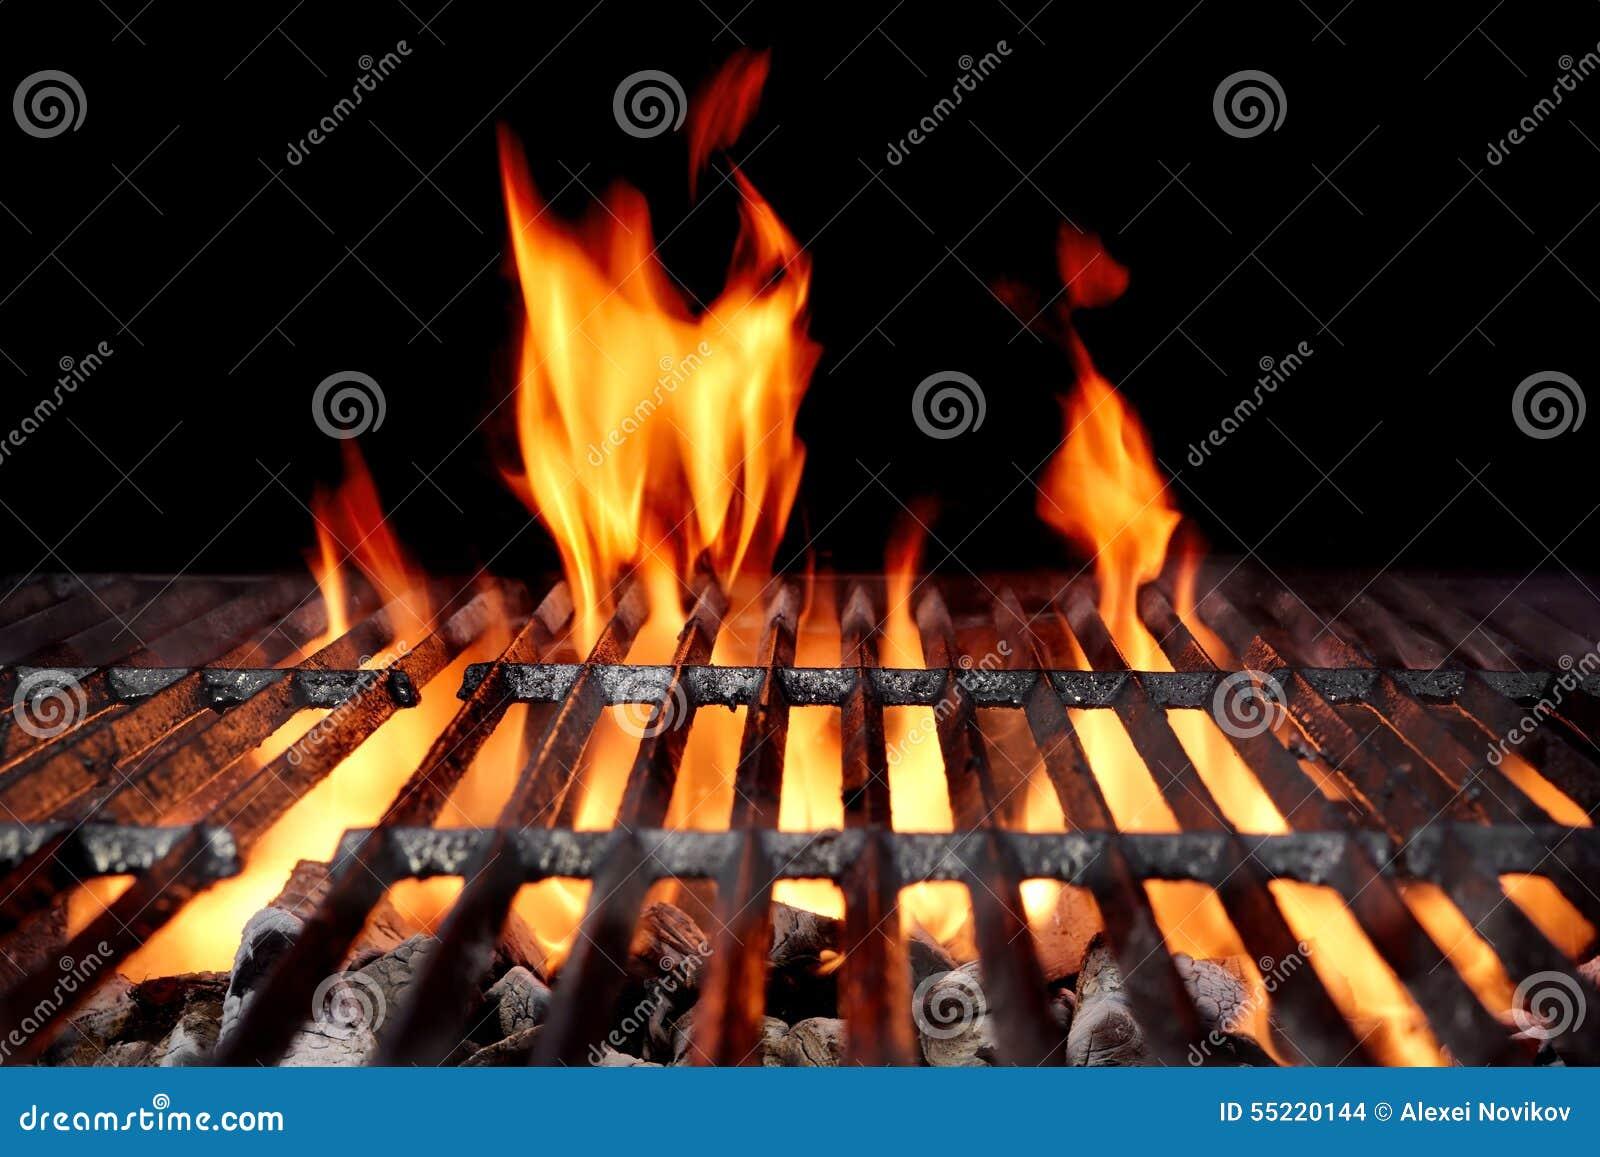 Καυτή κενή BBQ ξυλάνθρακα σχάρα με τις φωτεινές φλόγες